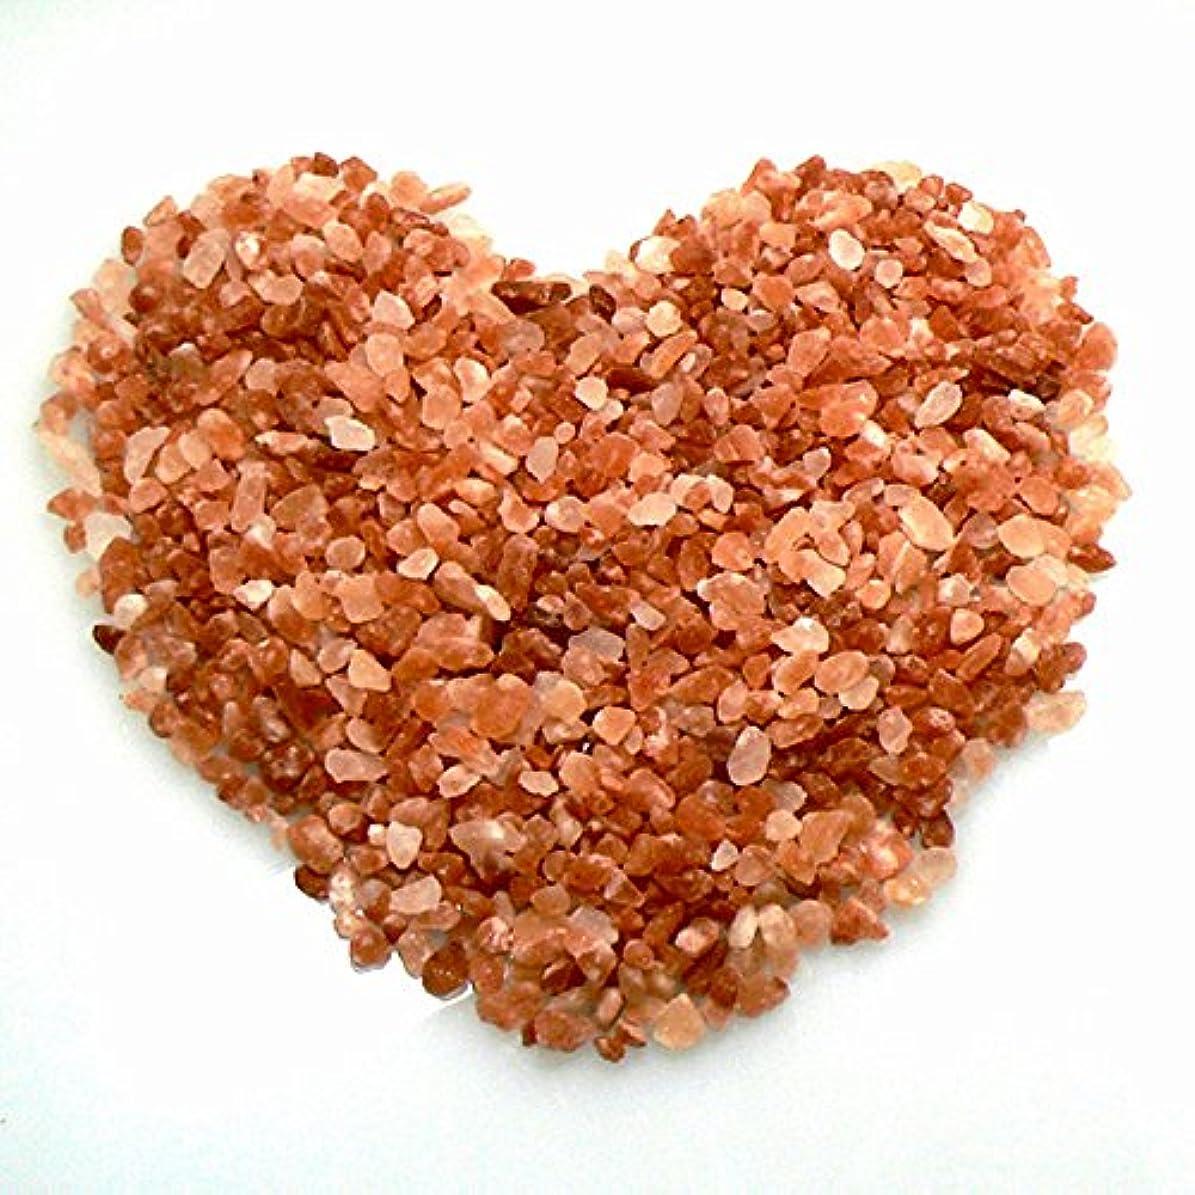 犯人来てオンヒマラヤ岩塩 ピンクソルト 入浴用 バスソルト(小粒)2kg ピンク岩塩